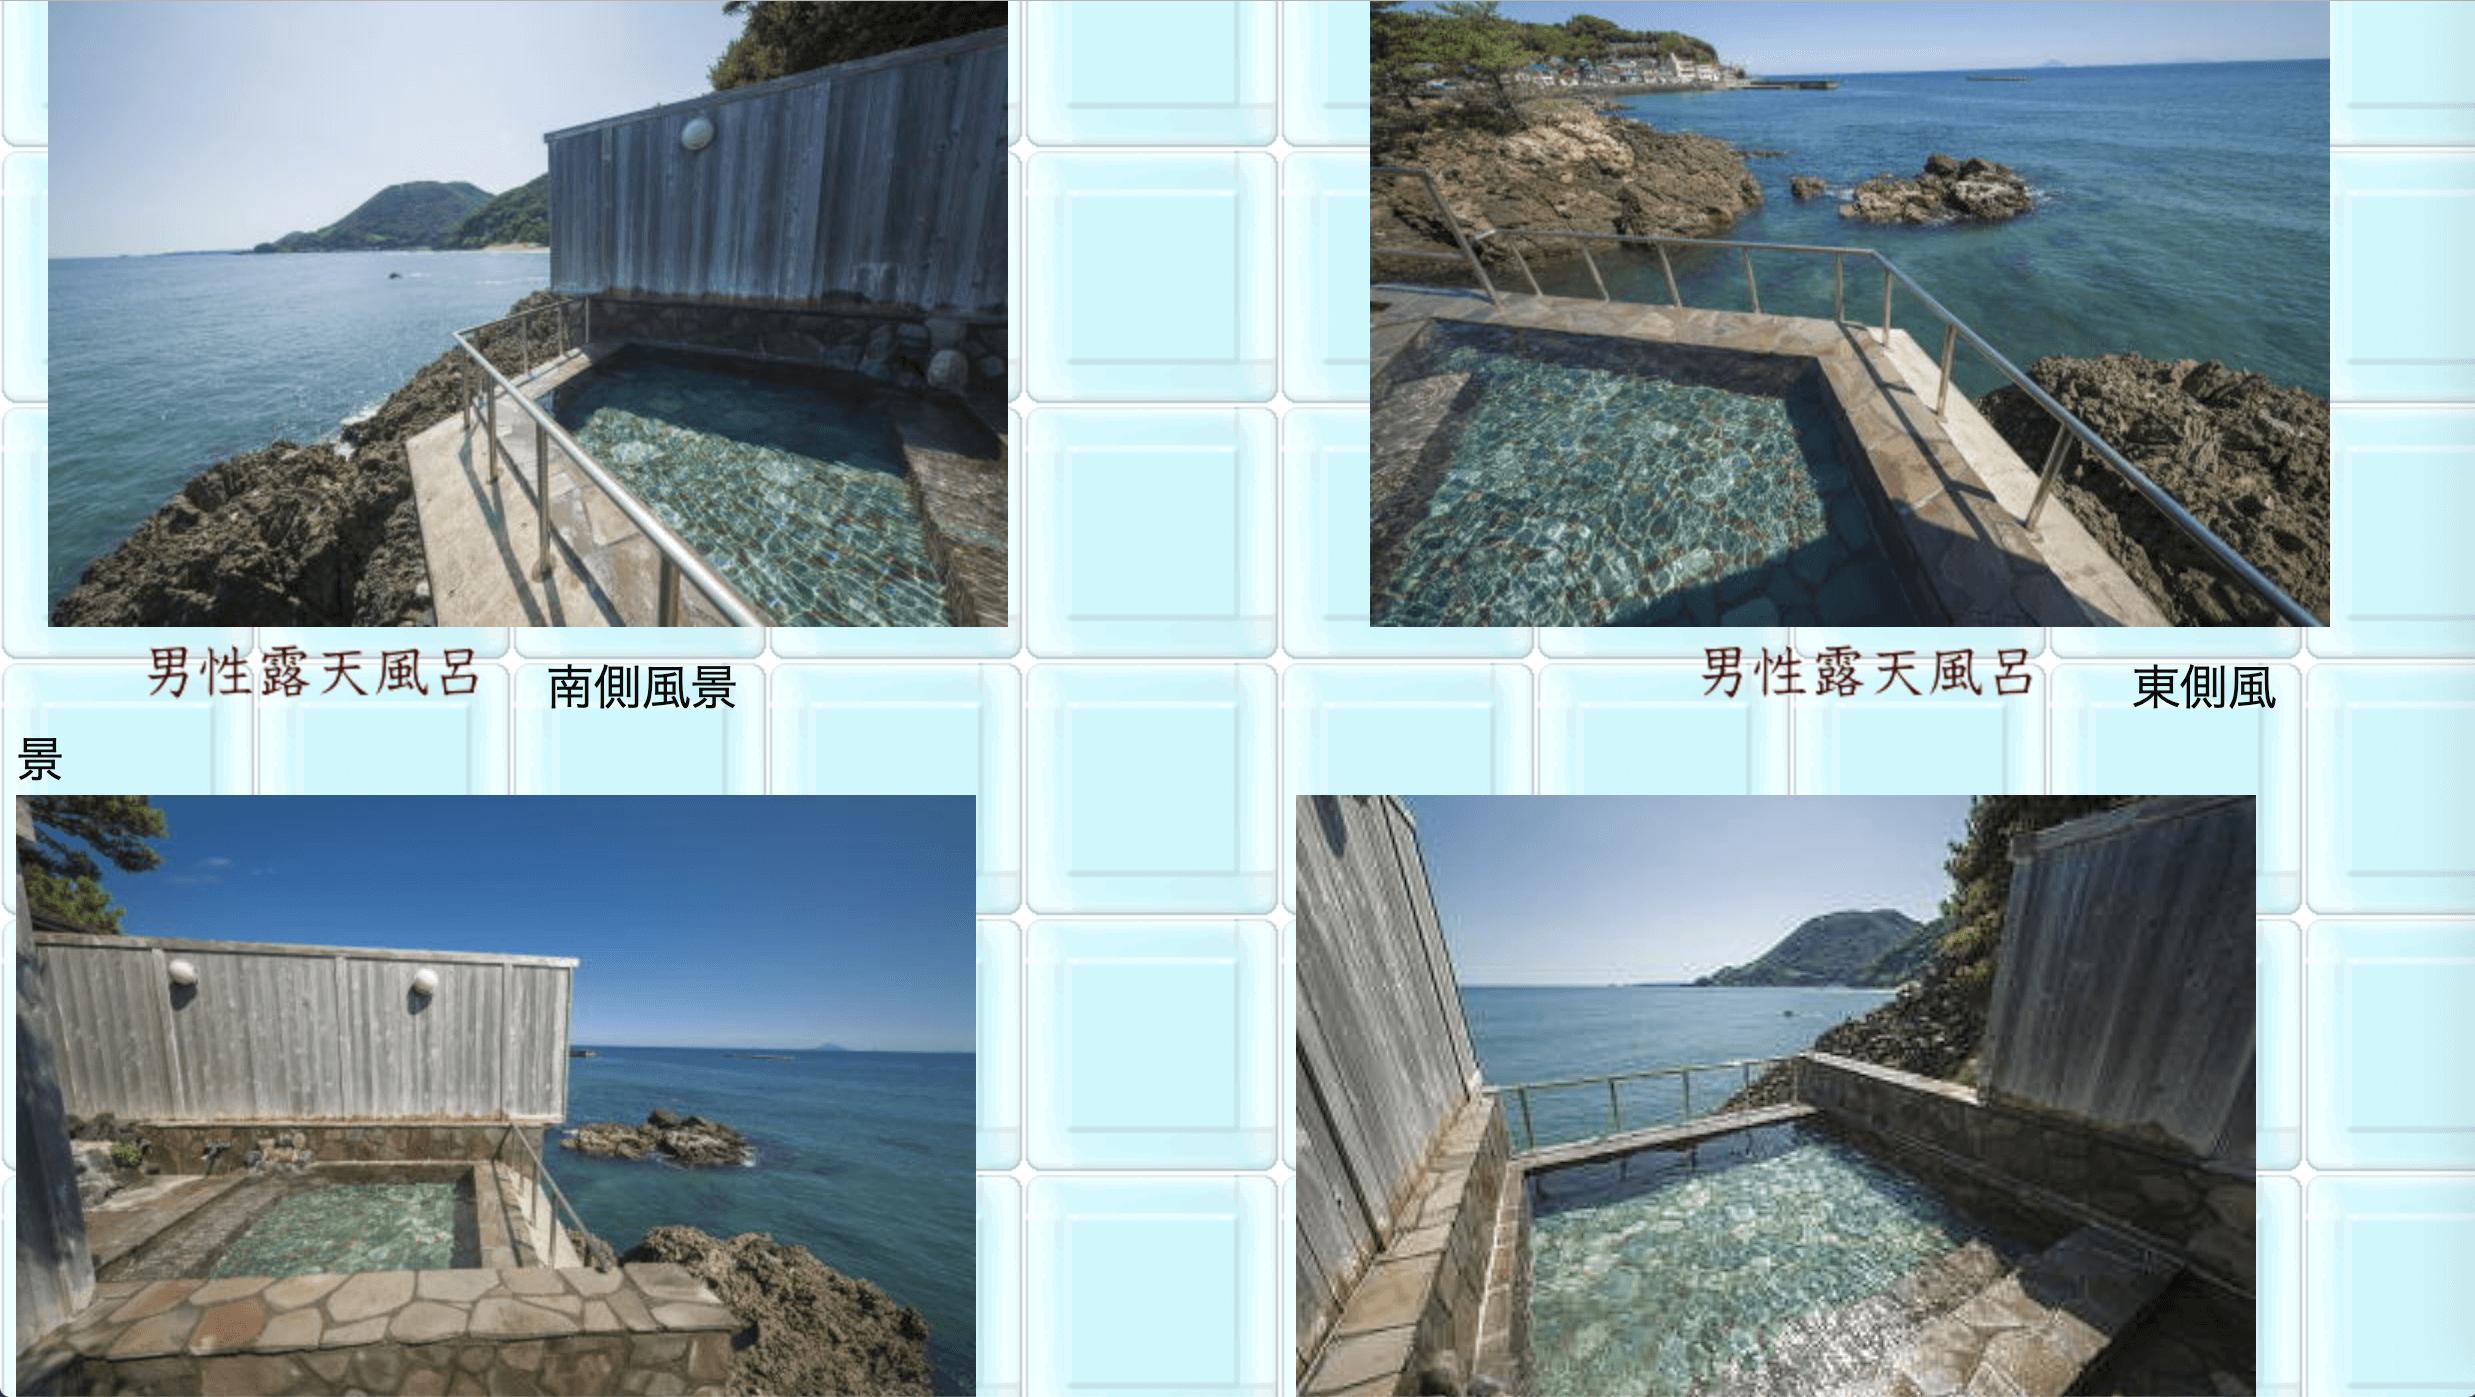 舟戸の番屋の温泉